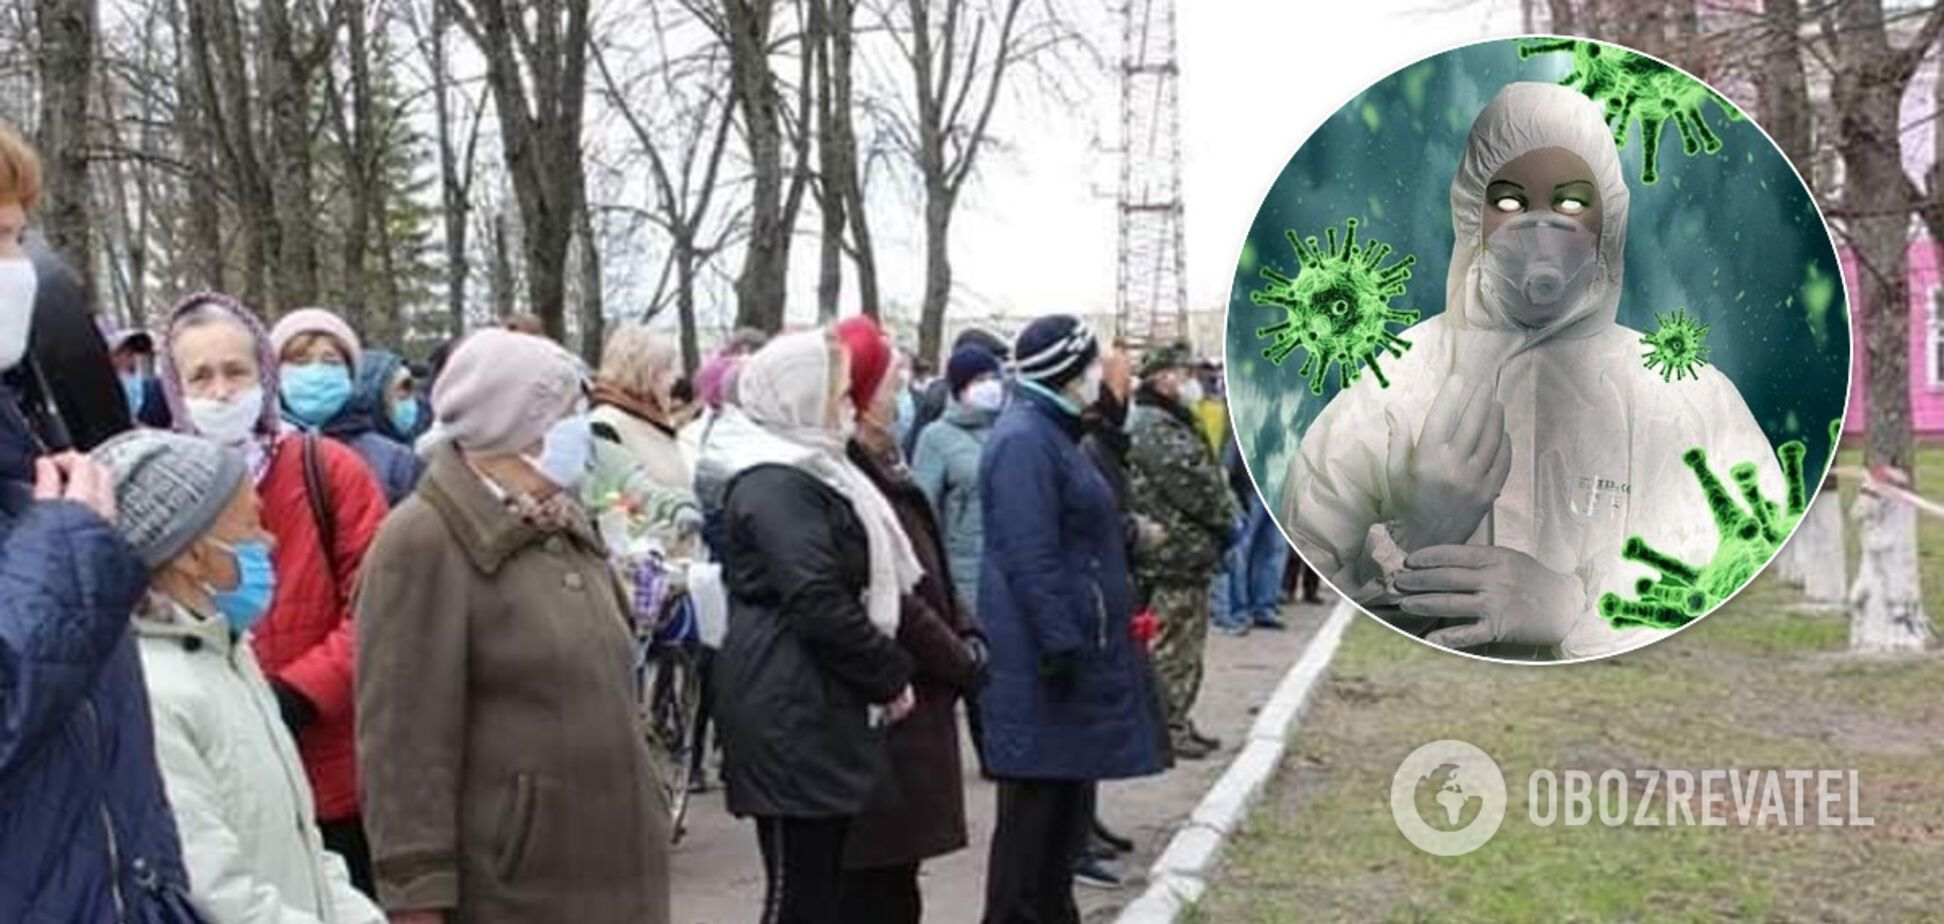 Карантин? Не чули! Натовп пенсіонерів у розпал COVID-19 прийшов на похорон у Шостці